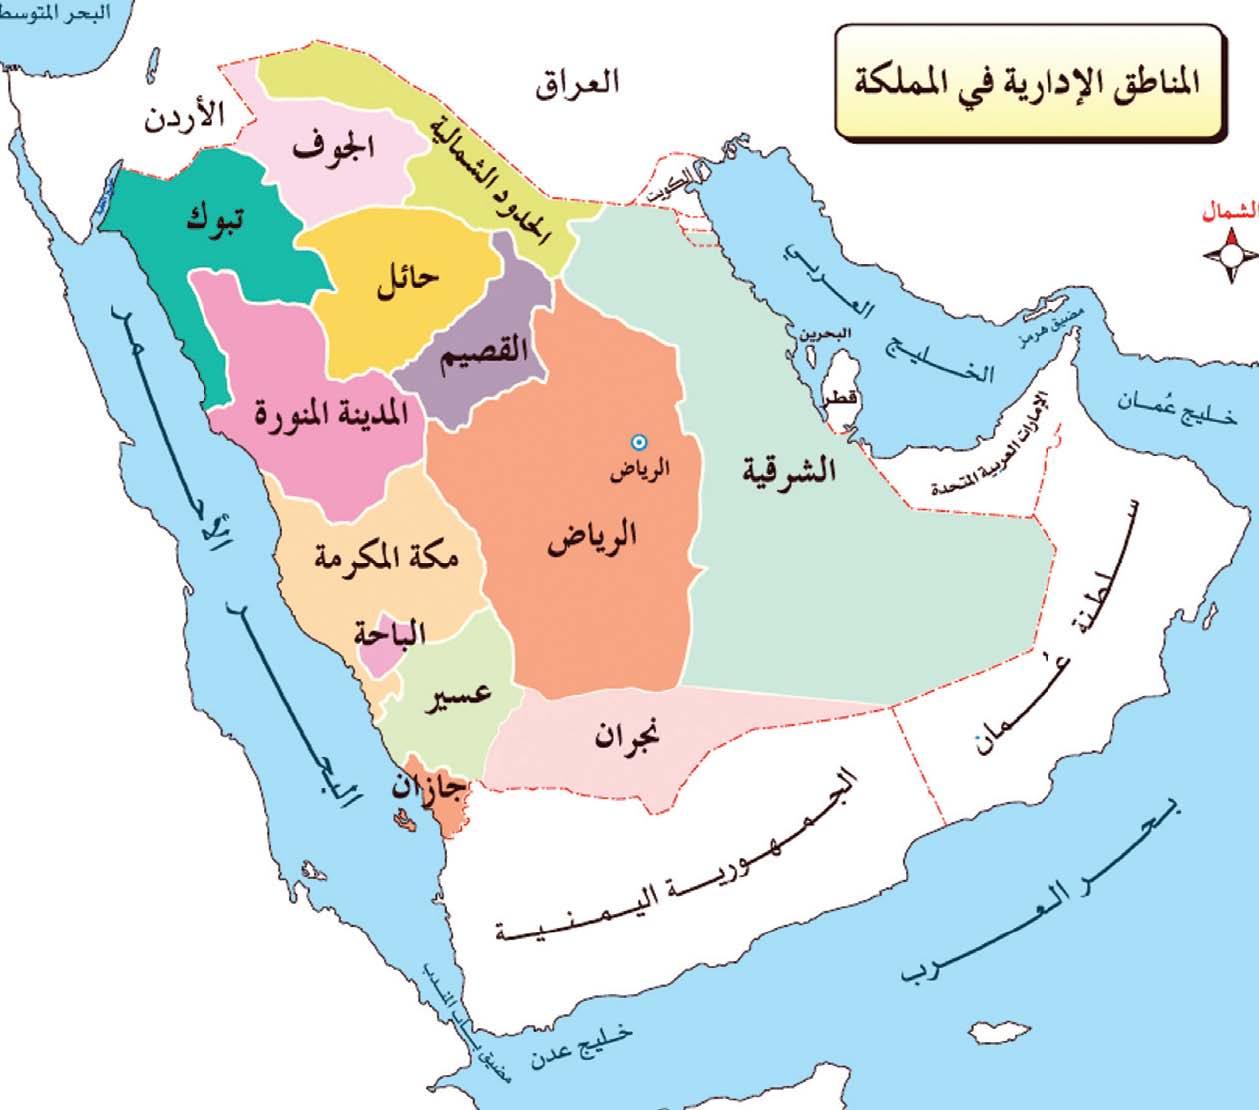 13 إمارة في المملكة لتيسير الإدارة المحلية والخدمات والعدالة المدينة